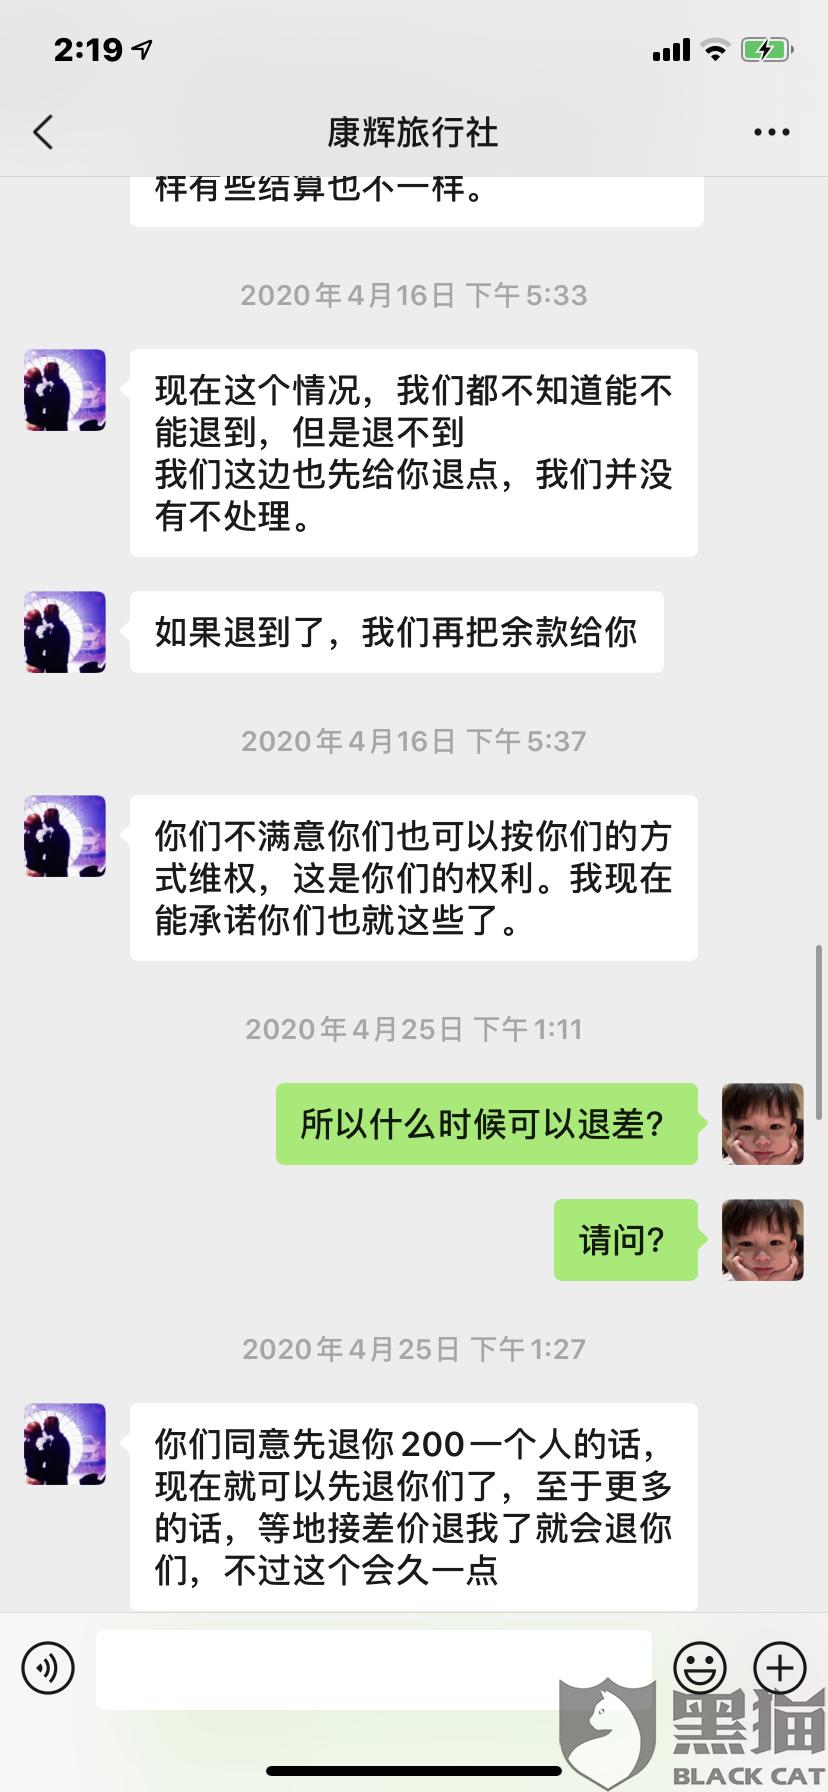 黑猫投诉:康辉旅行社同团不同价差价过高且不给退差